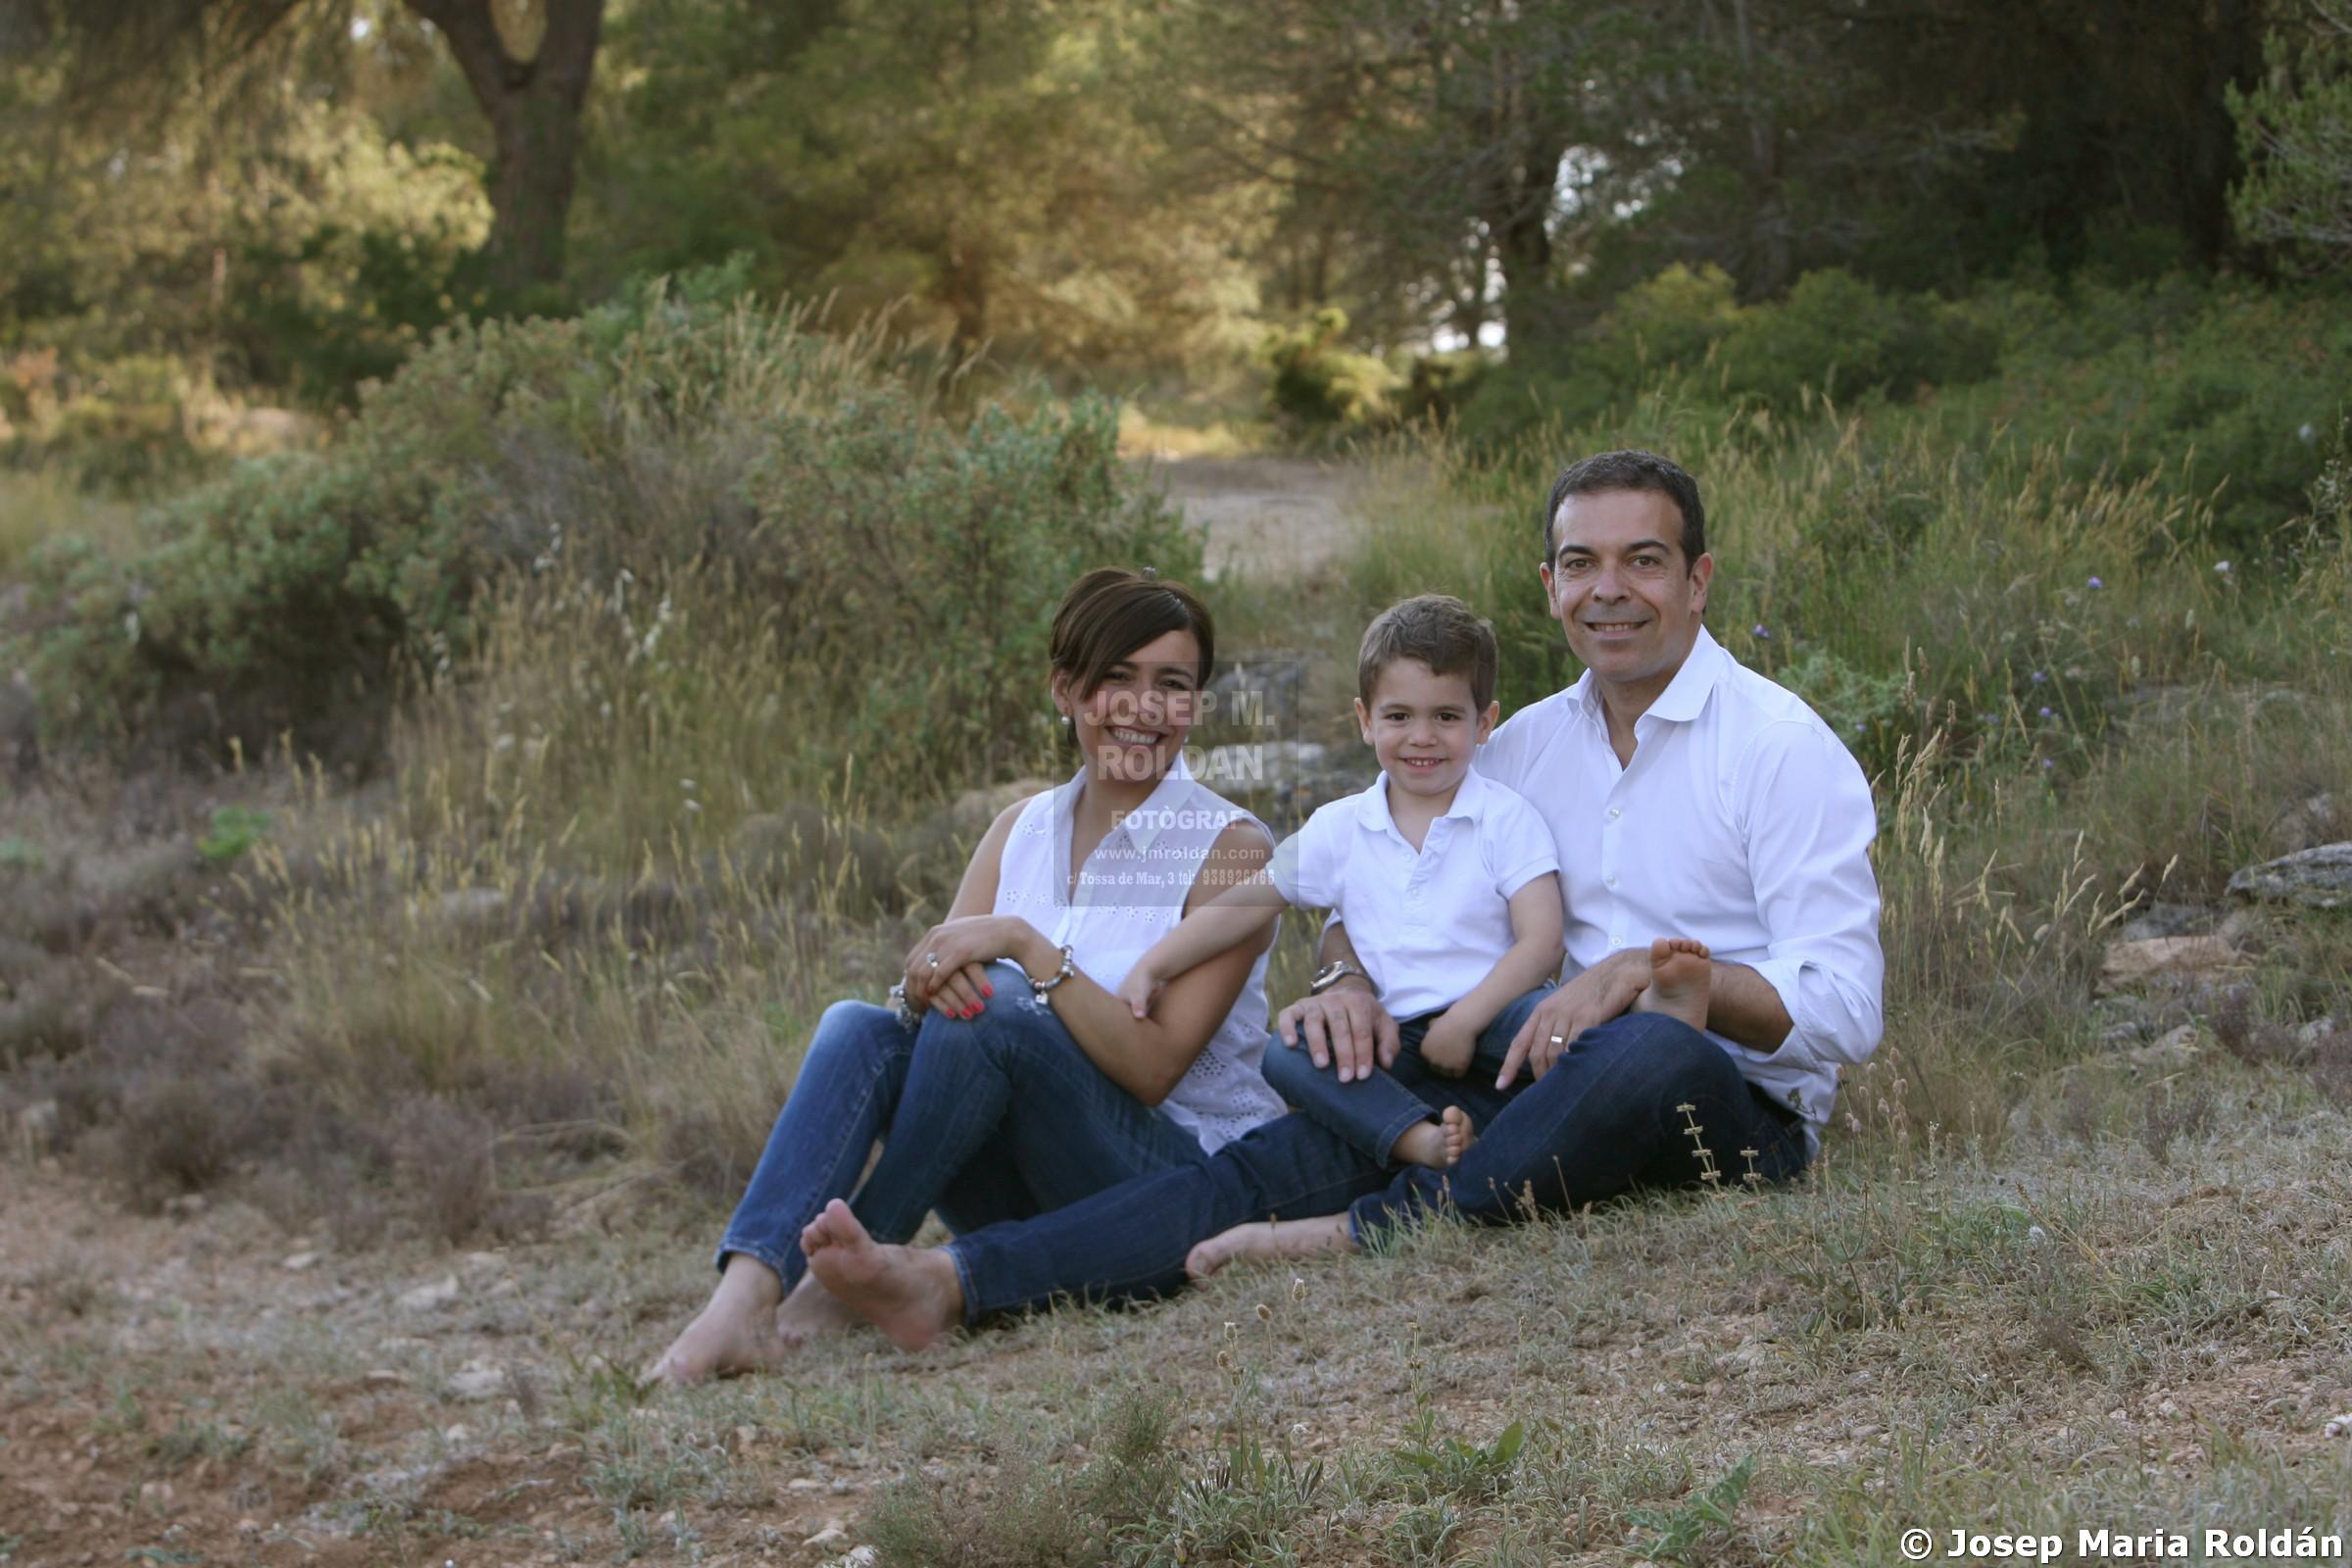 fotos de familia juny + jm roldan 0006